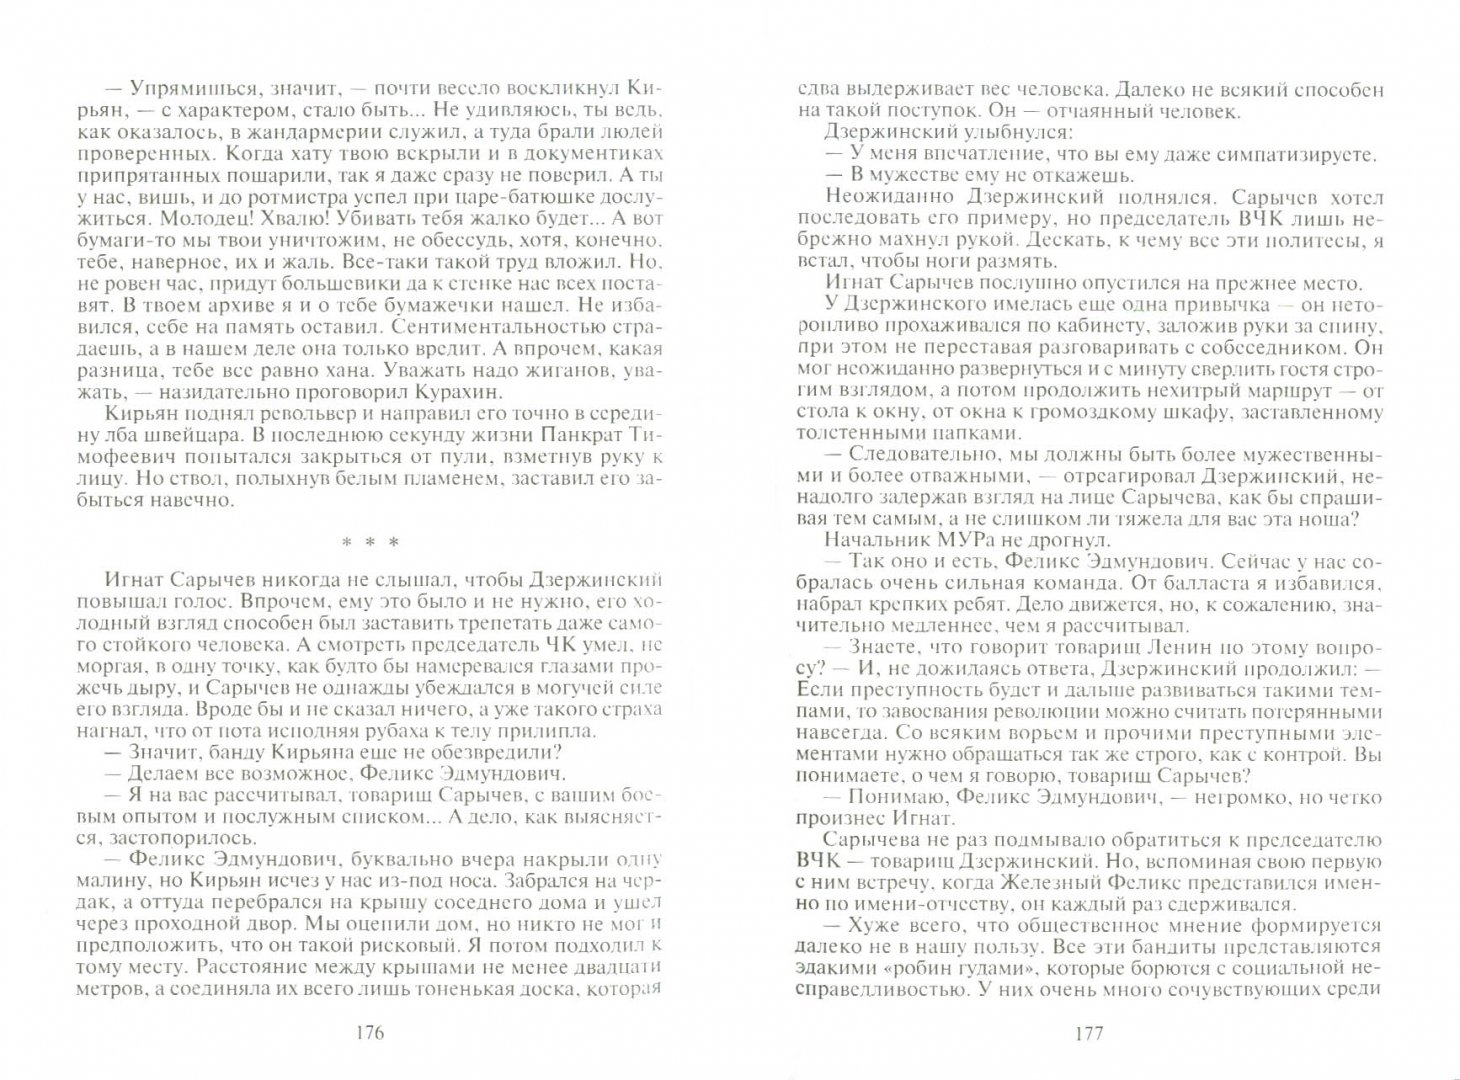 Иллюстрация 1 из 2 для Завещание жигана - Евгений Сухов | Лабиринт - книги. Источник: Лабиринт